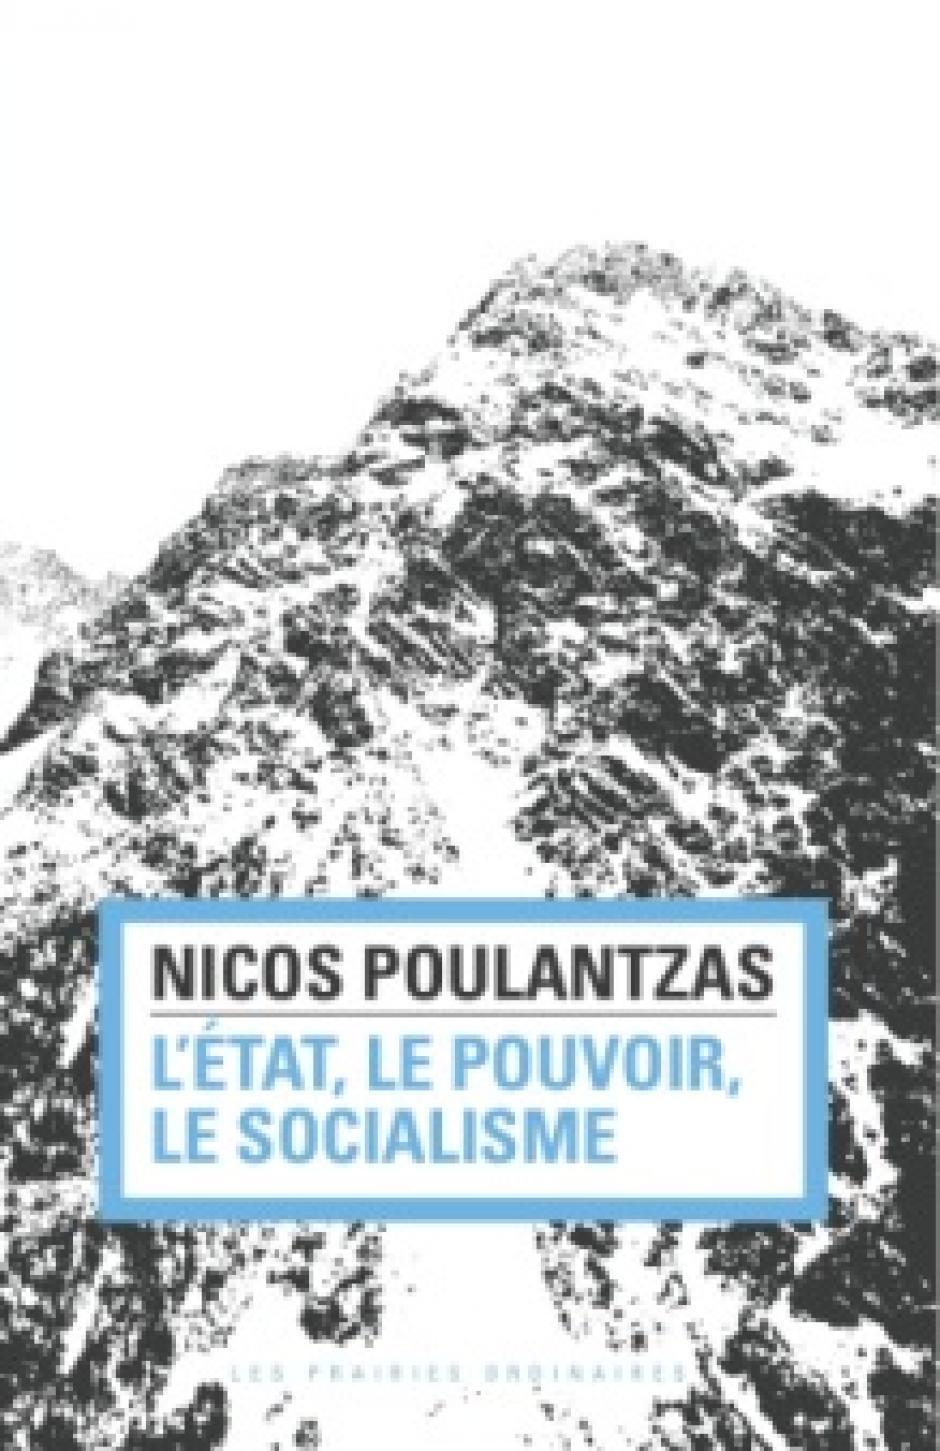 L'État, le pouvoir, le socialisme, Nicos Poulantzas